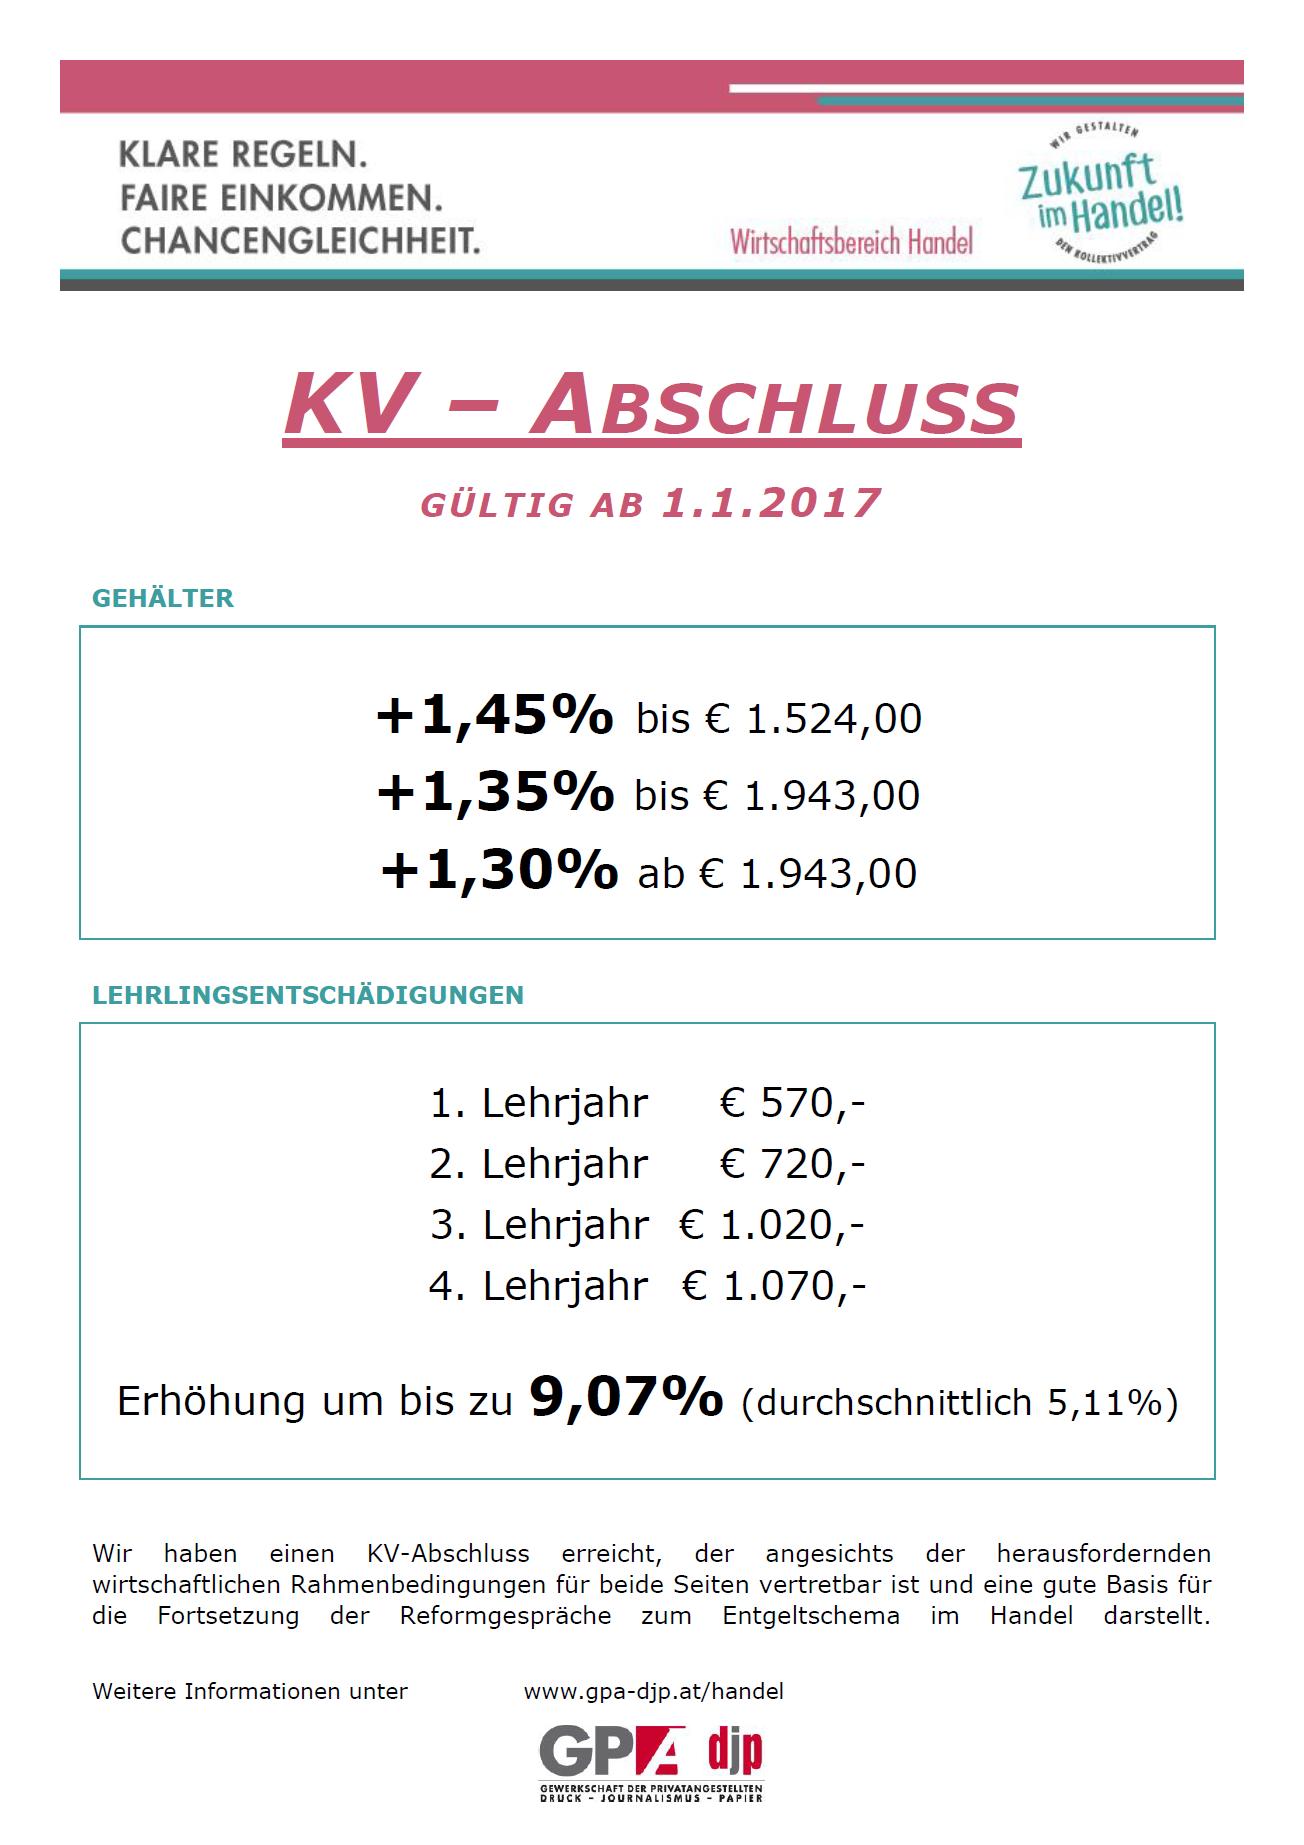 kv-abschluss-plakat